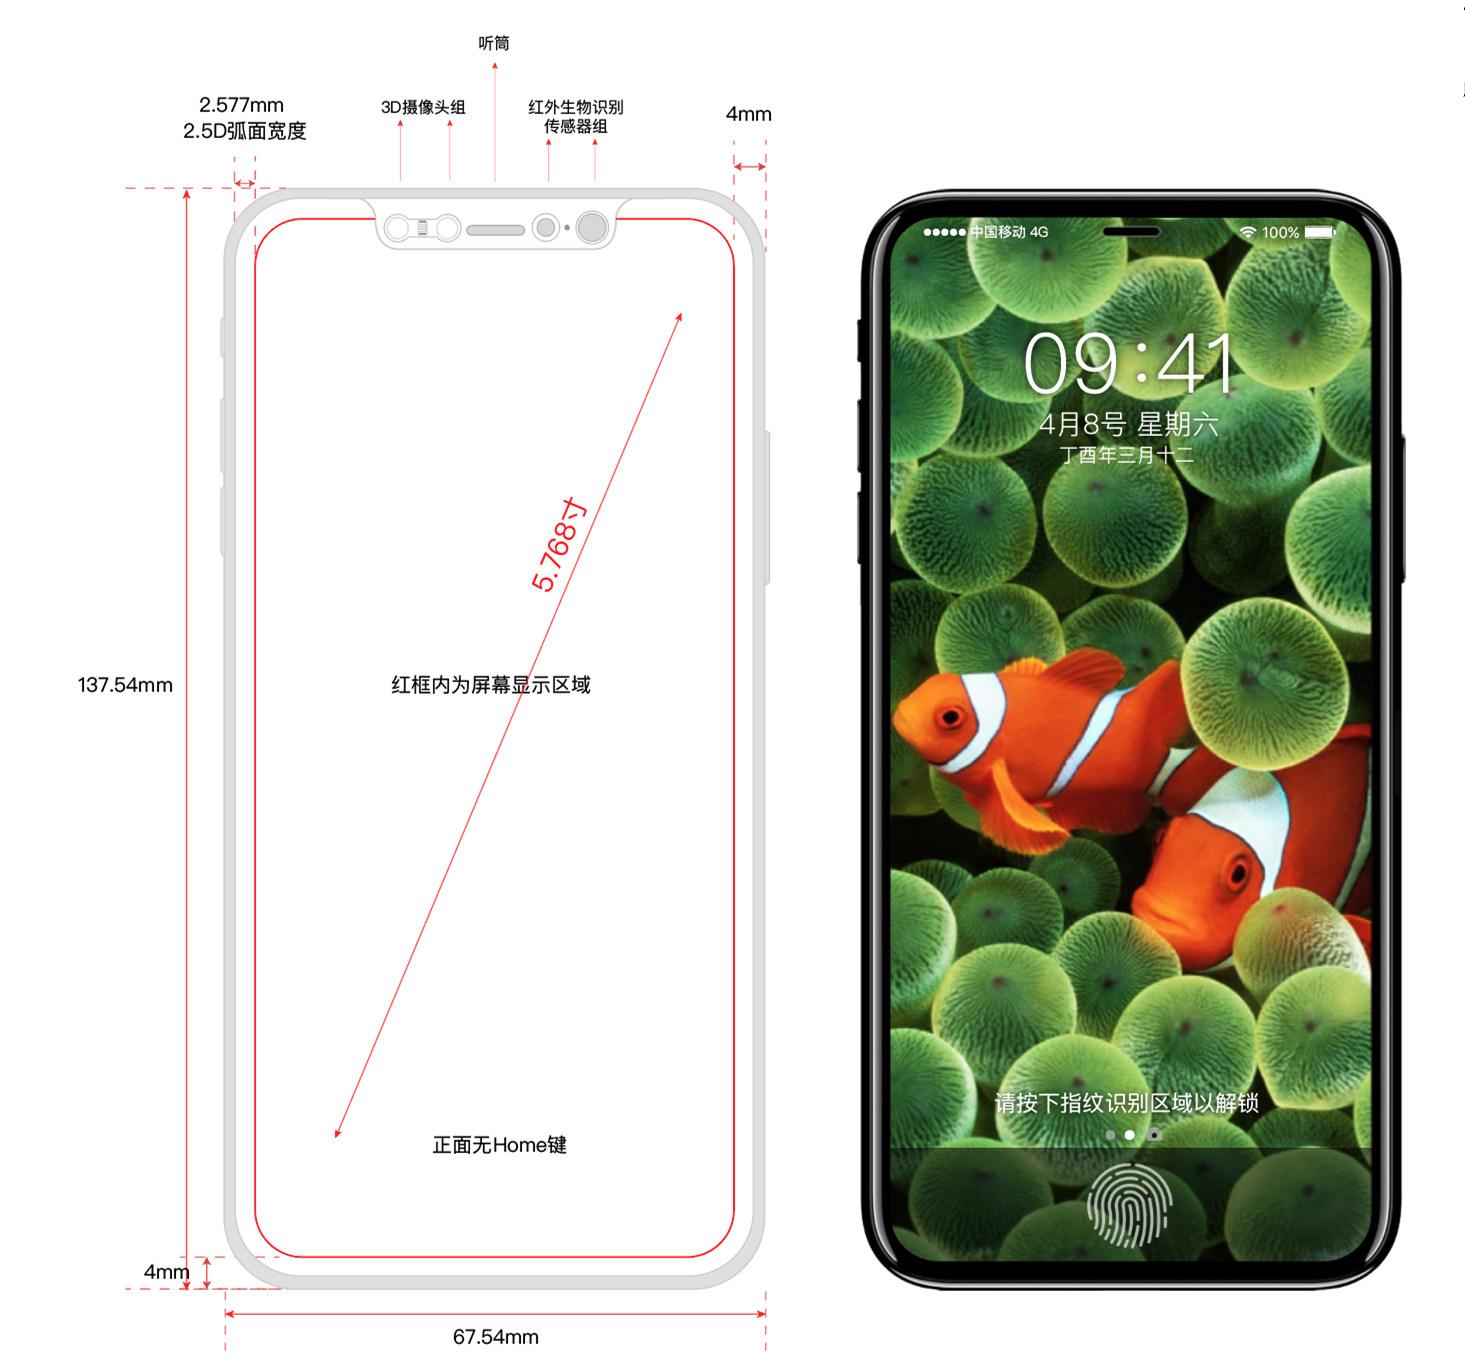 Jos Applen suunnitelmat toteutuvat, tällainen uudesta huippu-iPhonesta pitäisi tulla.